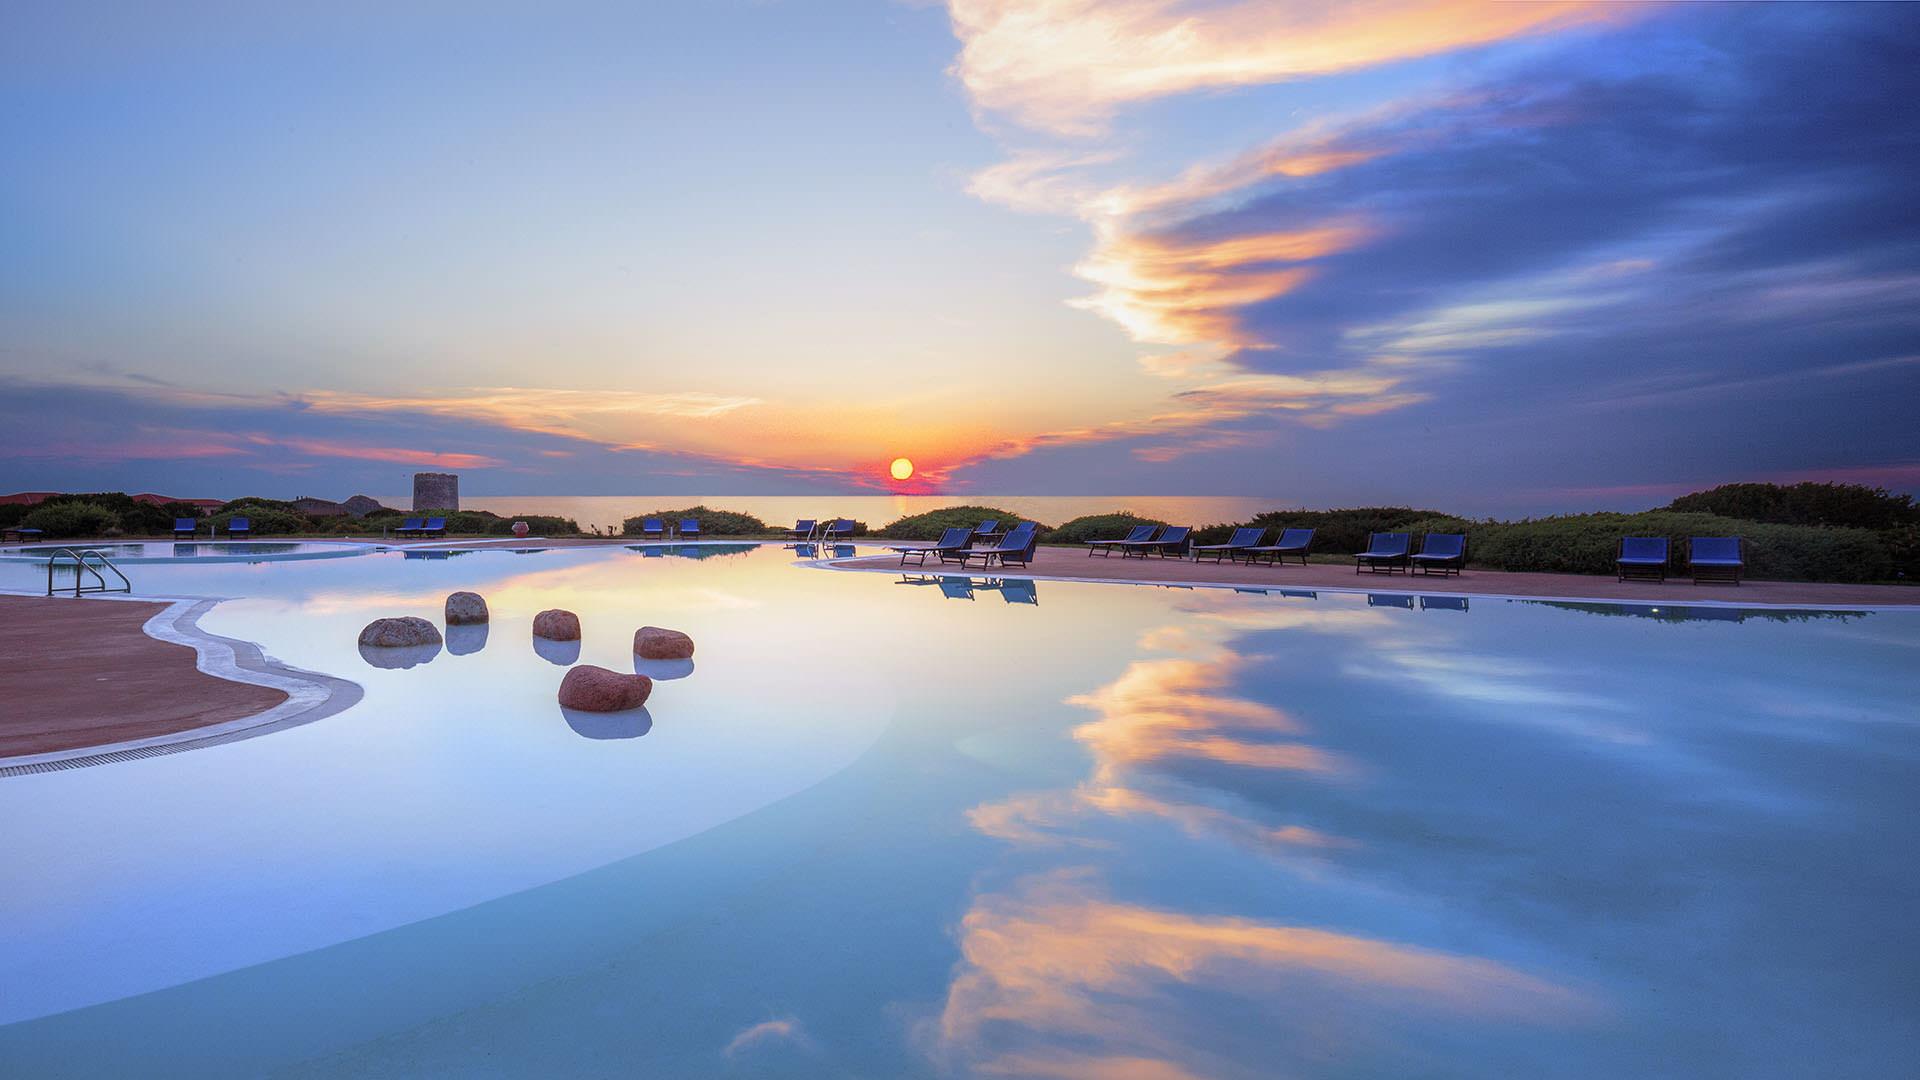 Hotel Relax Torreruja della collezione Delphina